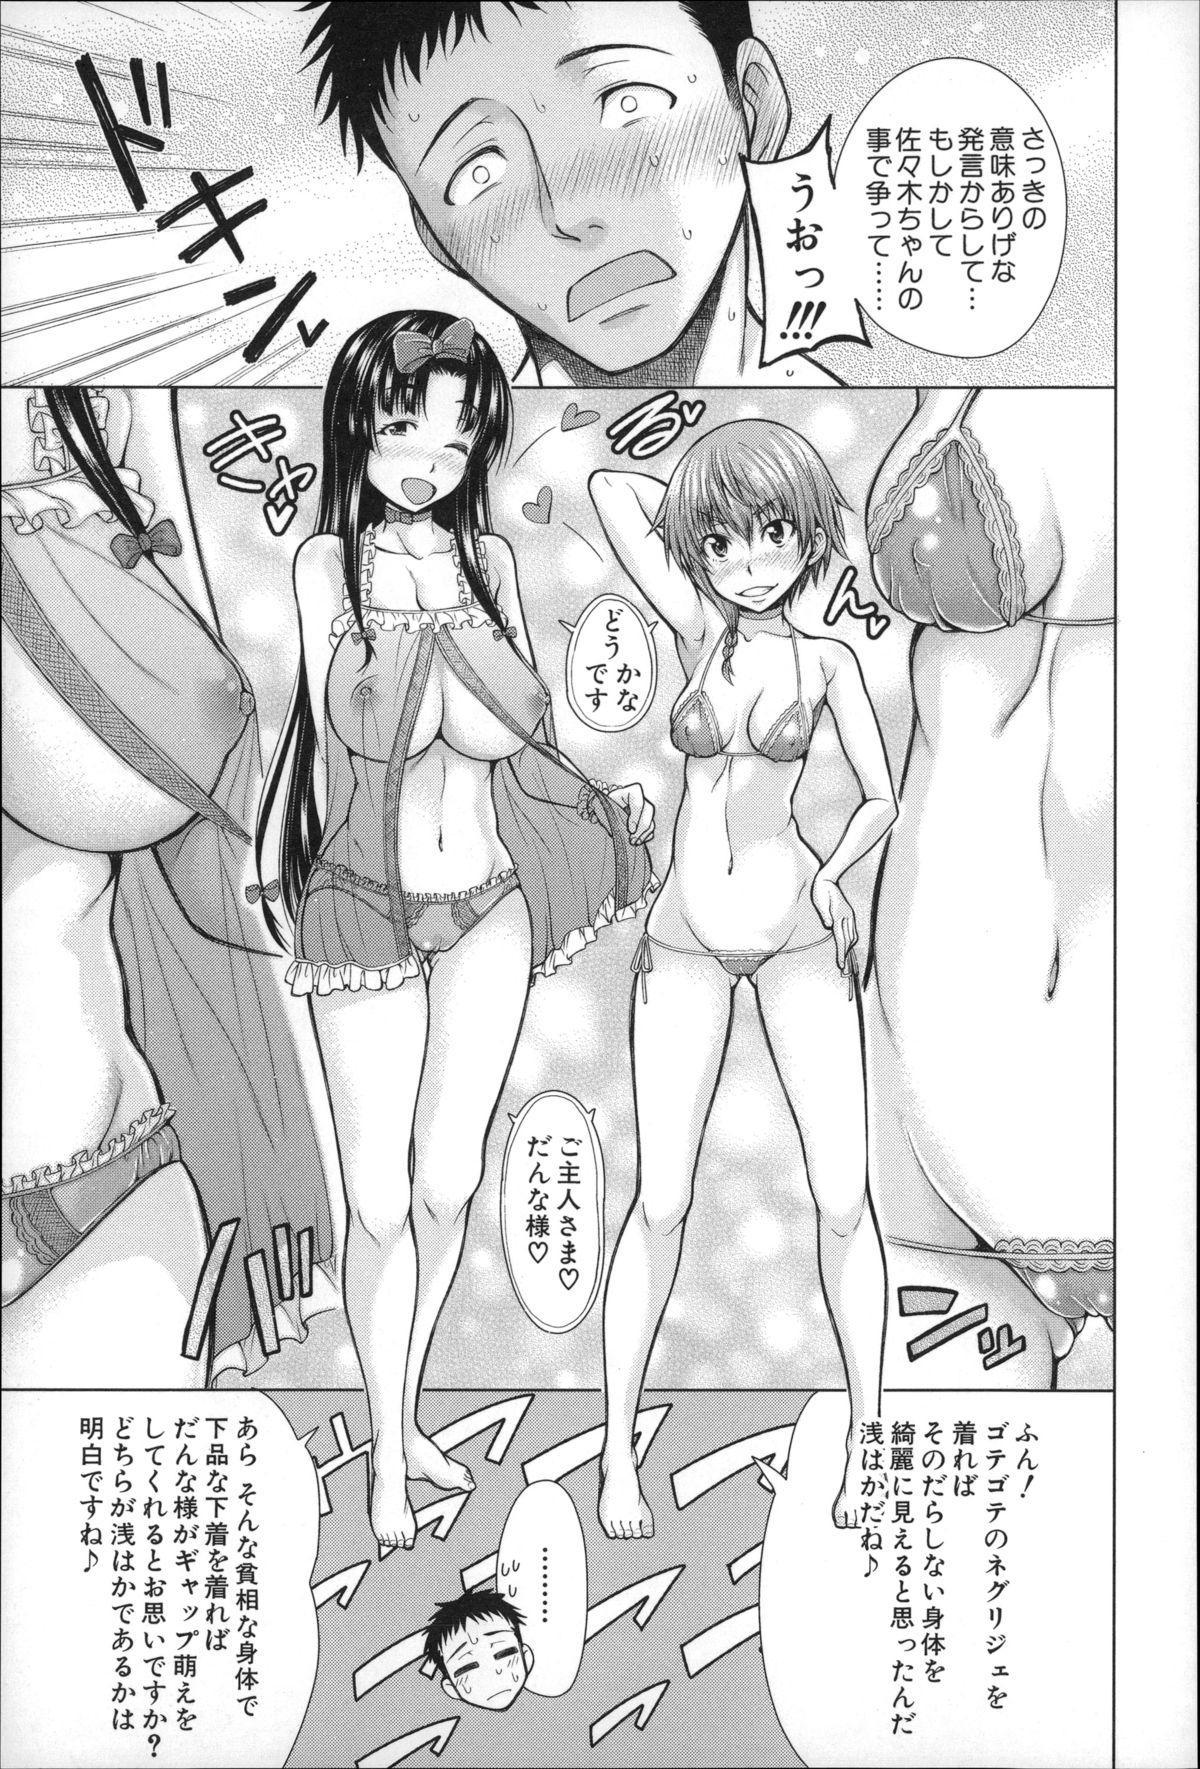 Migite ga Bishoujo ni Natta kara Sex Shita kedo Doutei dayone!! 61